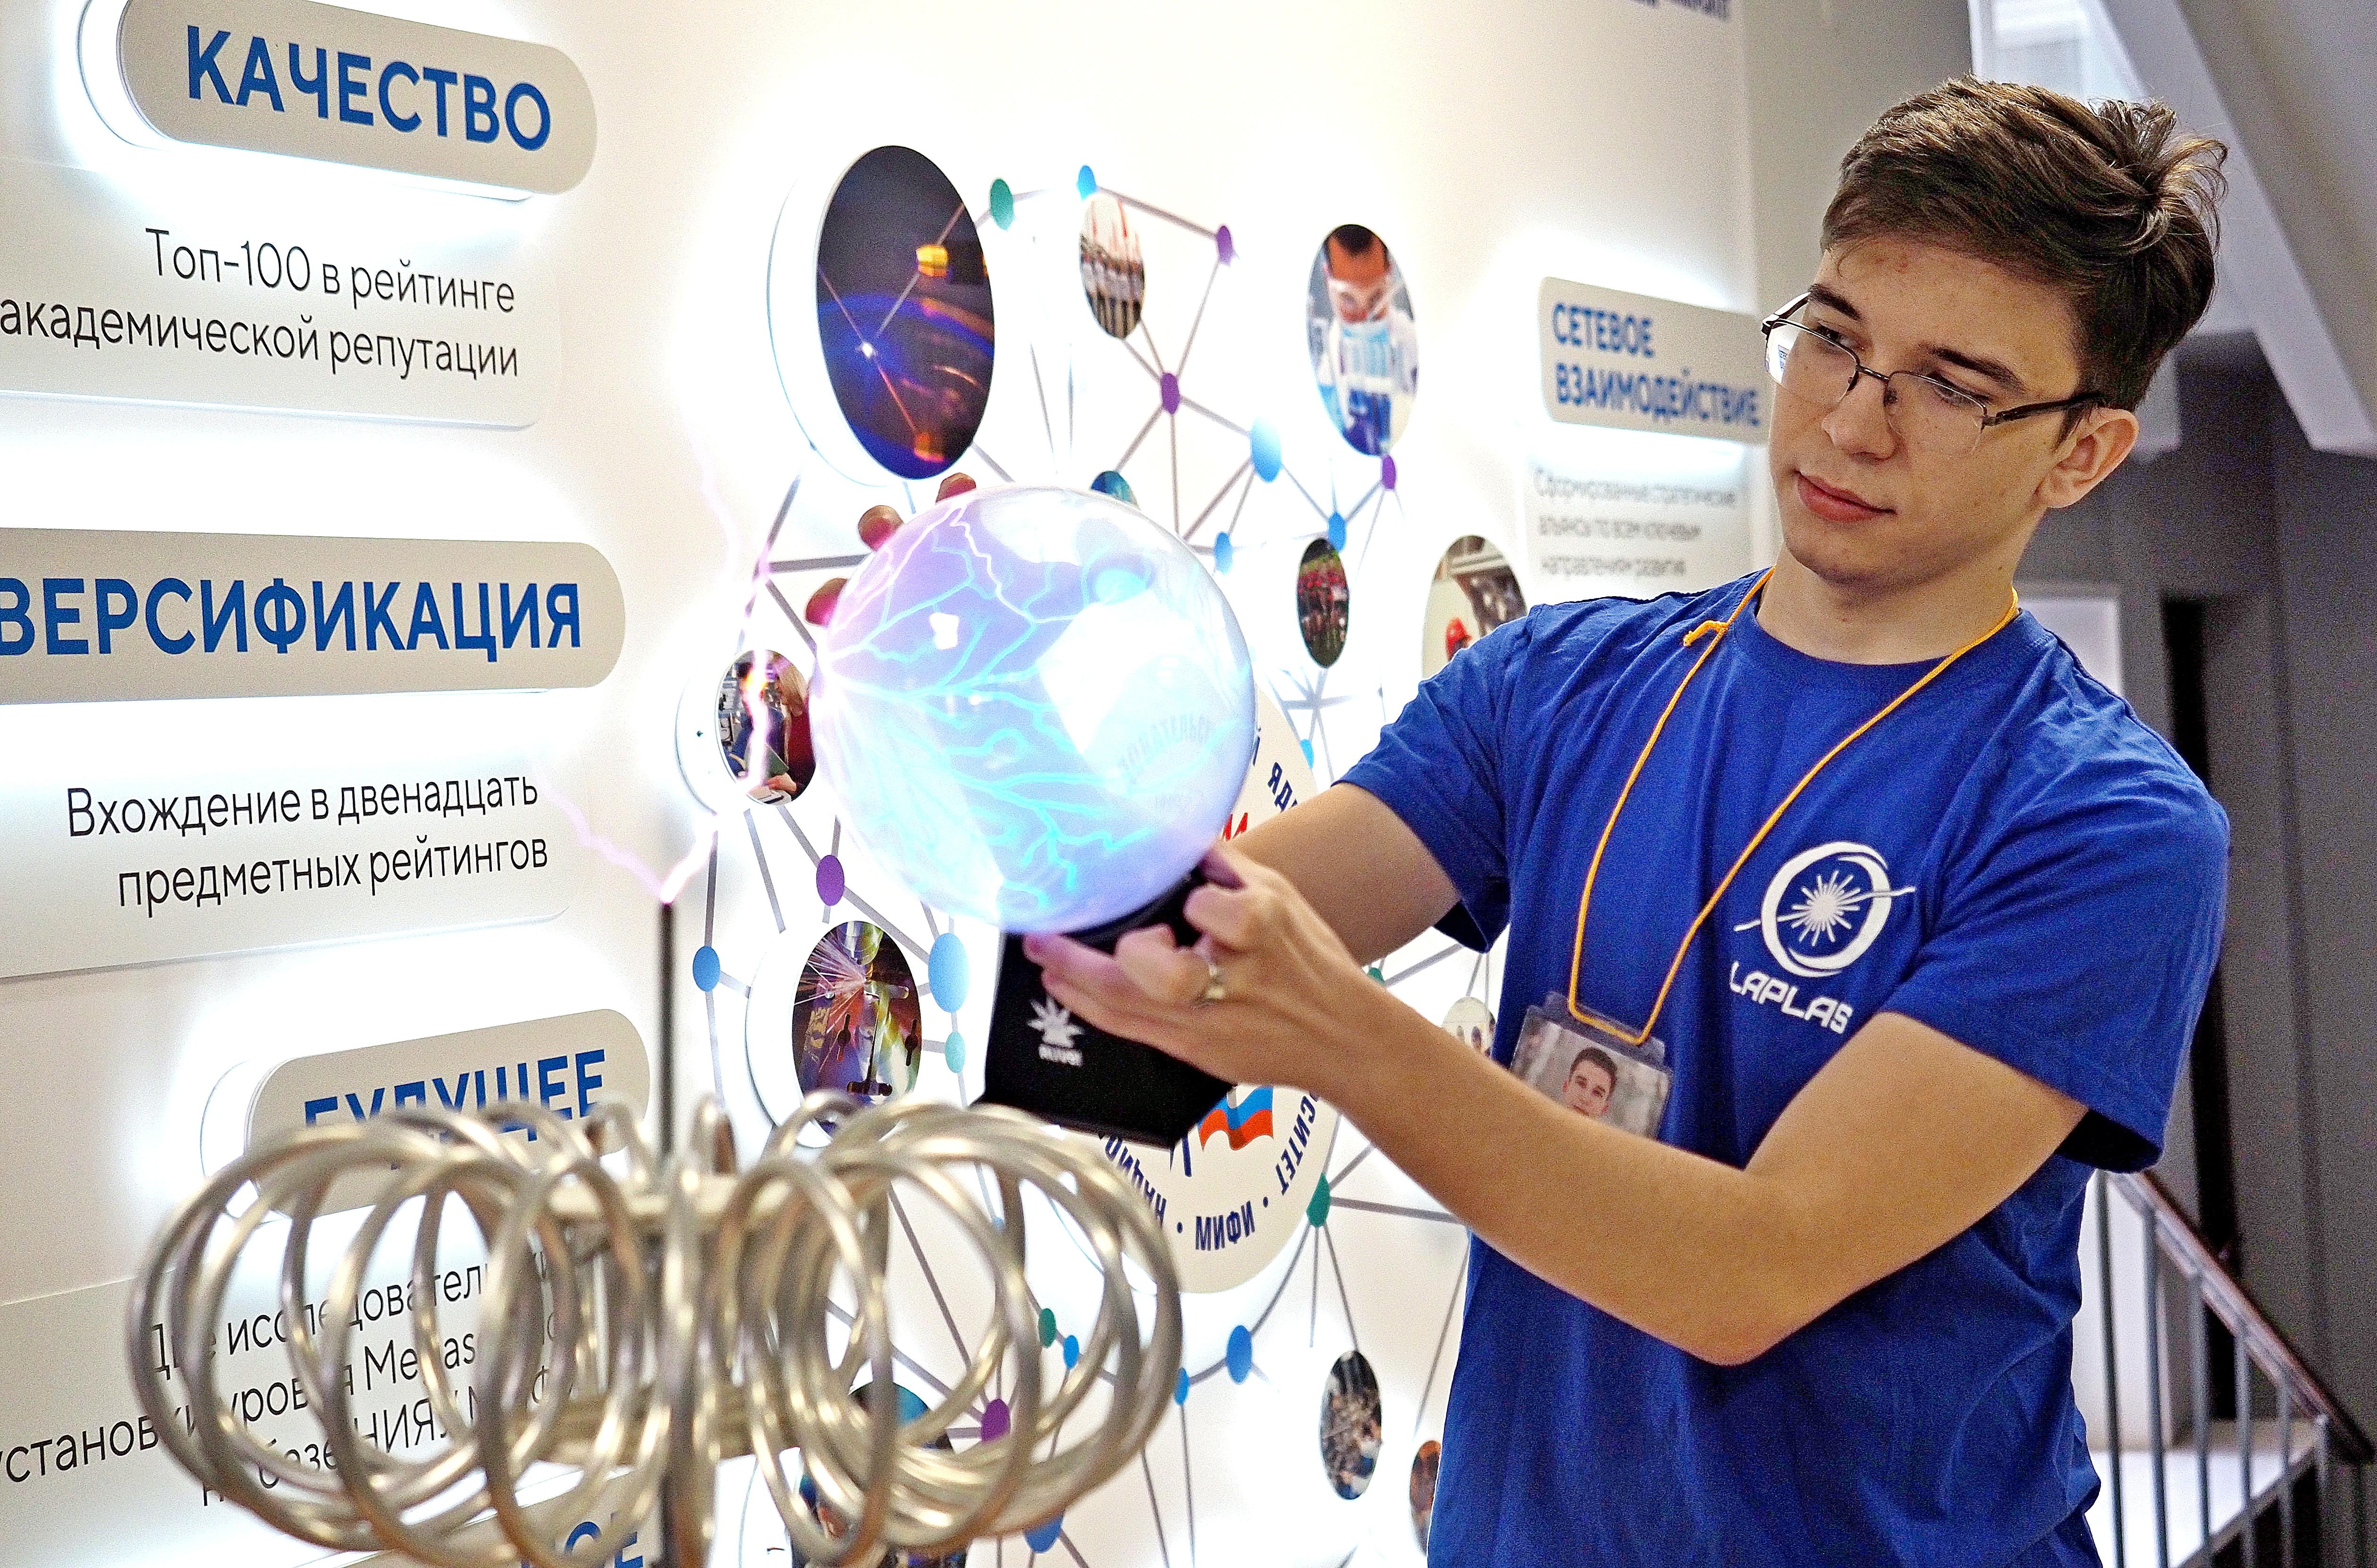 Лучшим вузом России по отзывам студентов признали Национальный исследовательский ядерный университет «МИФИ»